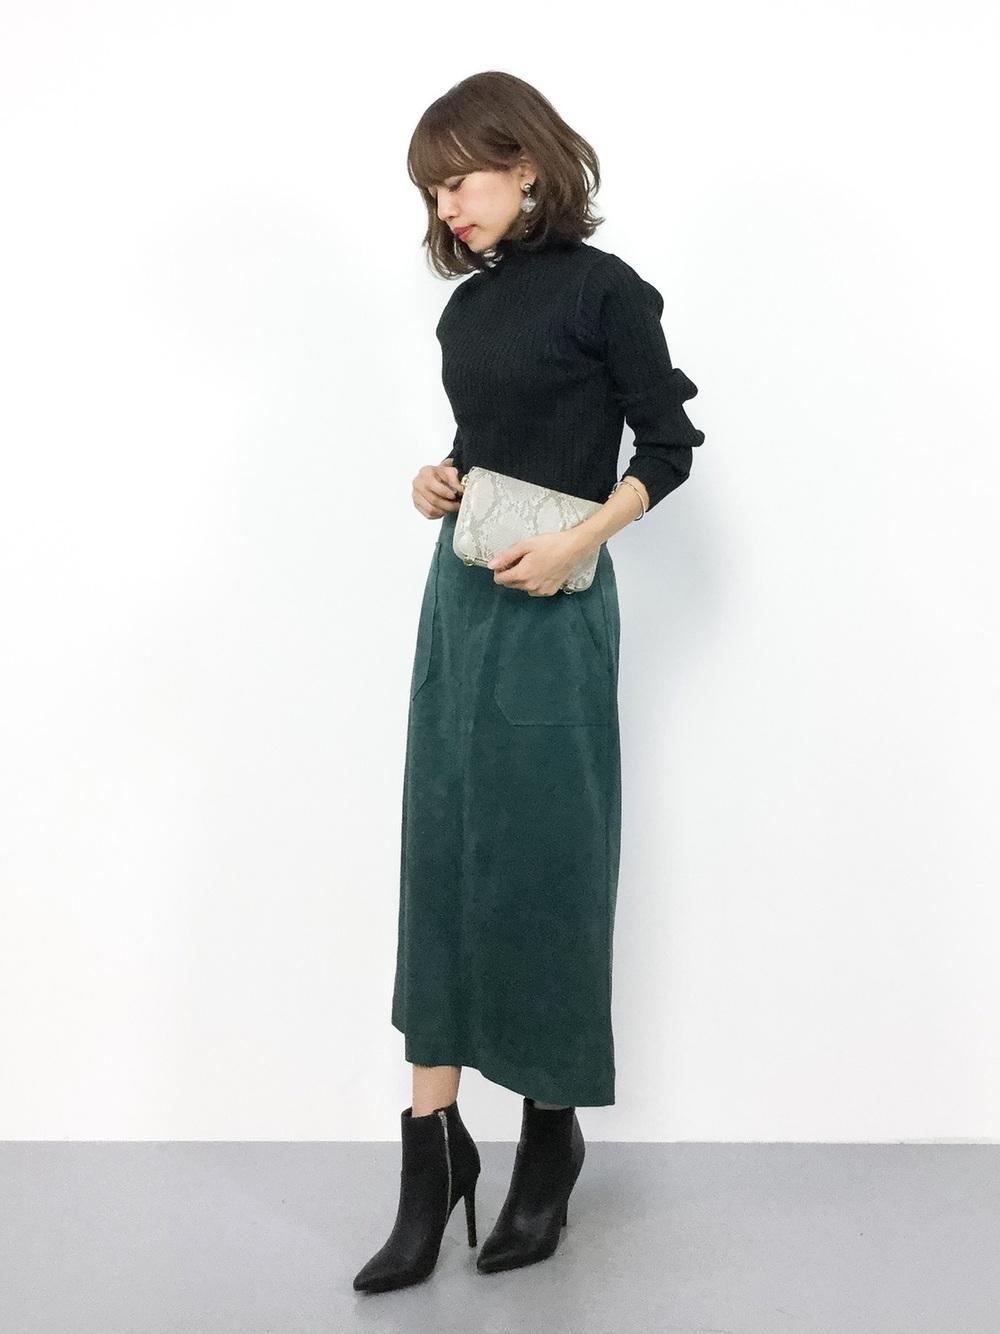 黒タートル×グリーンロングスカート